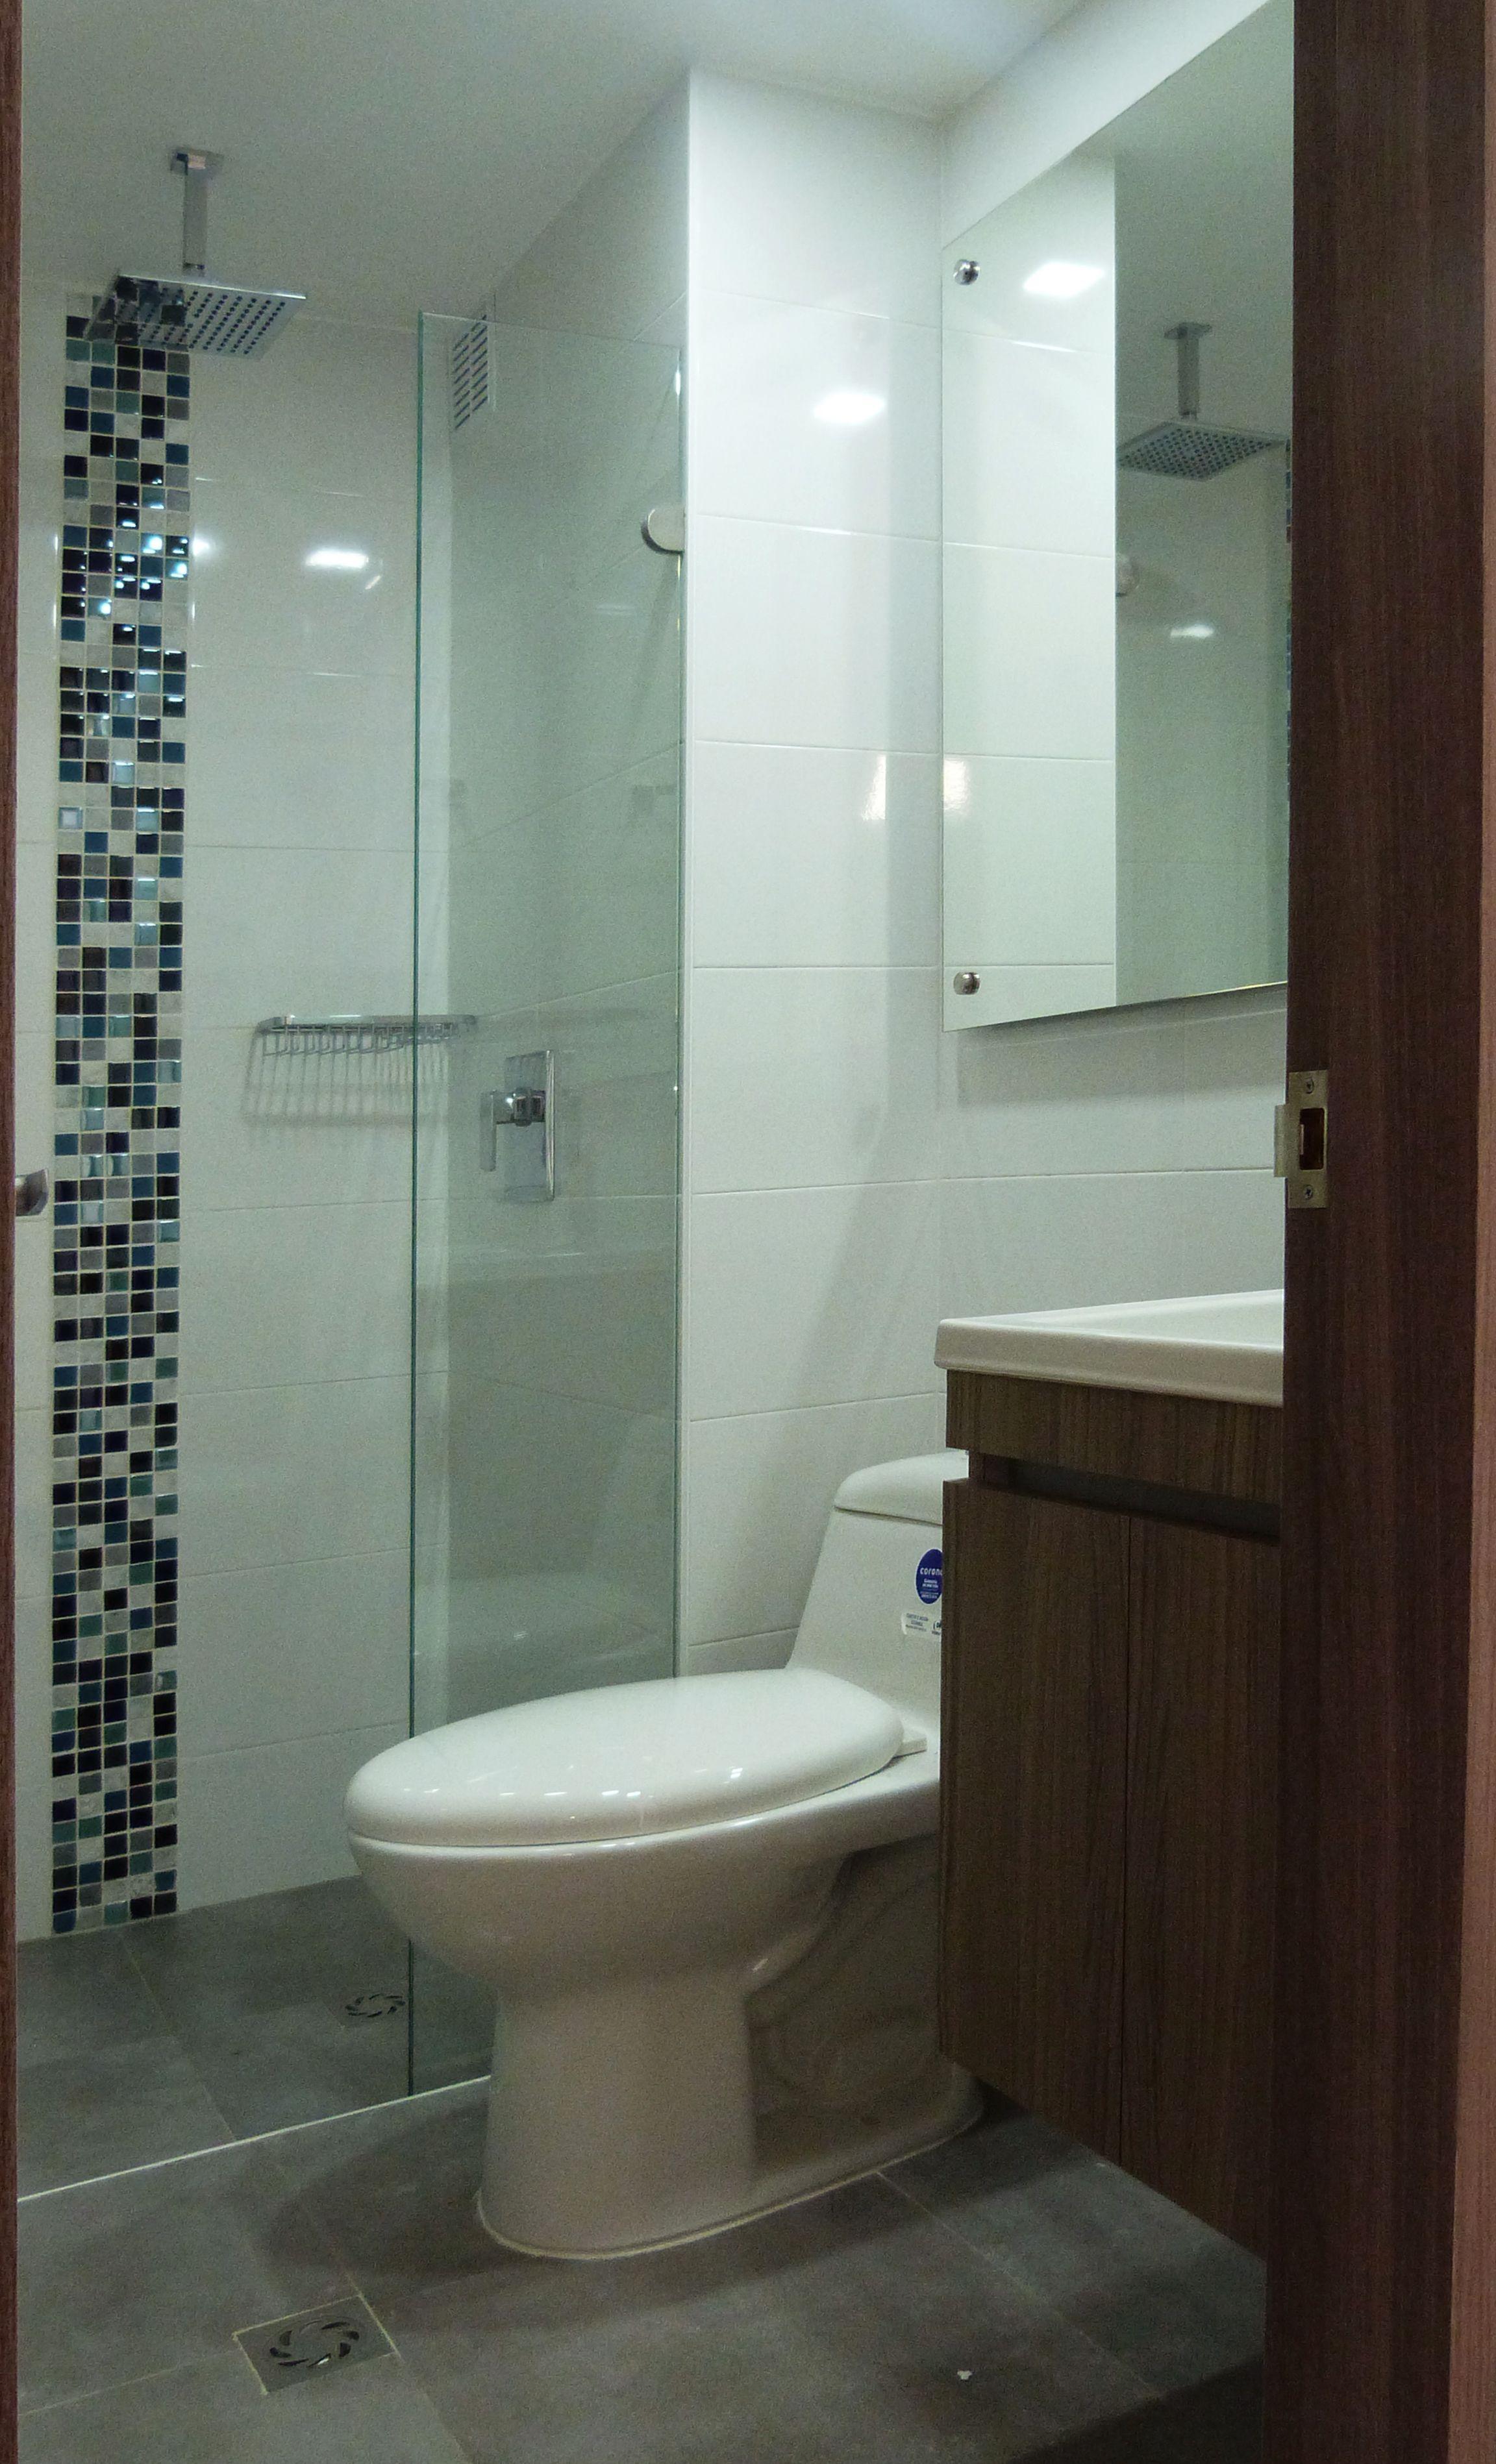 Renovación baño, mosaico azul en vidrio | Proyectos L2 Diseño ...